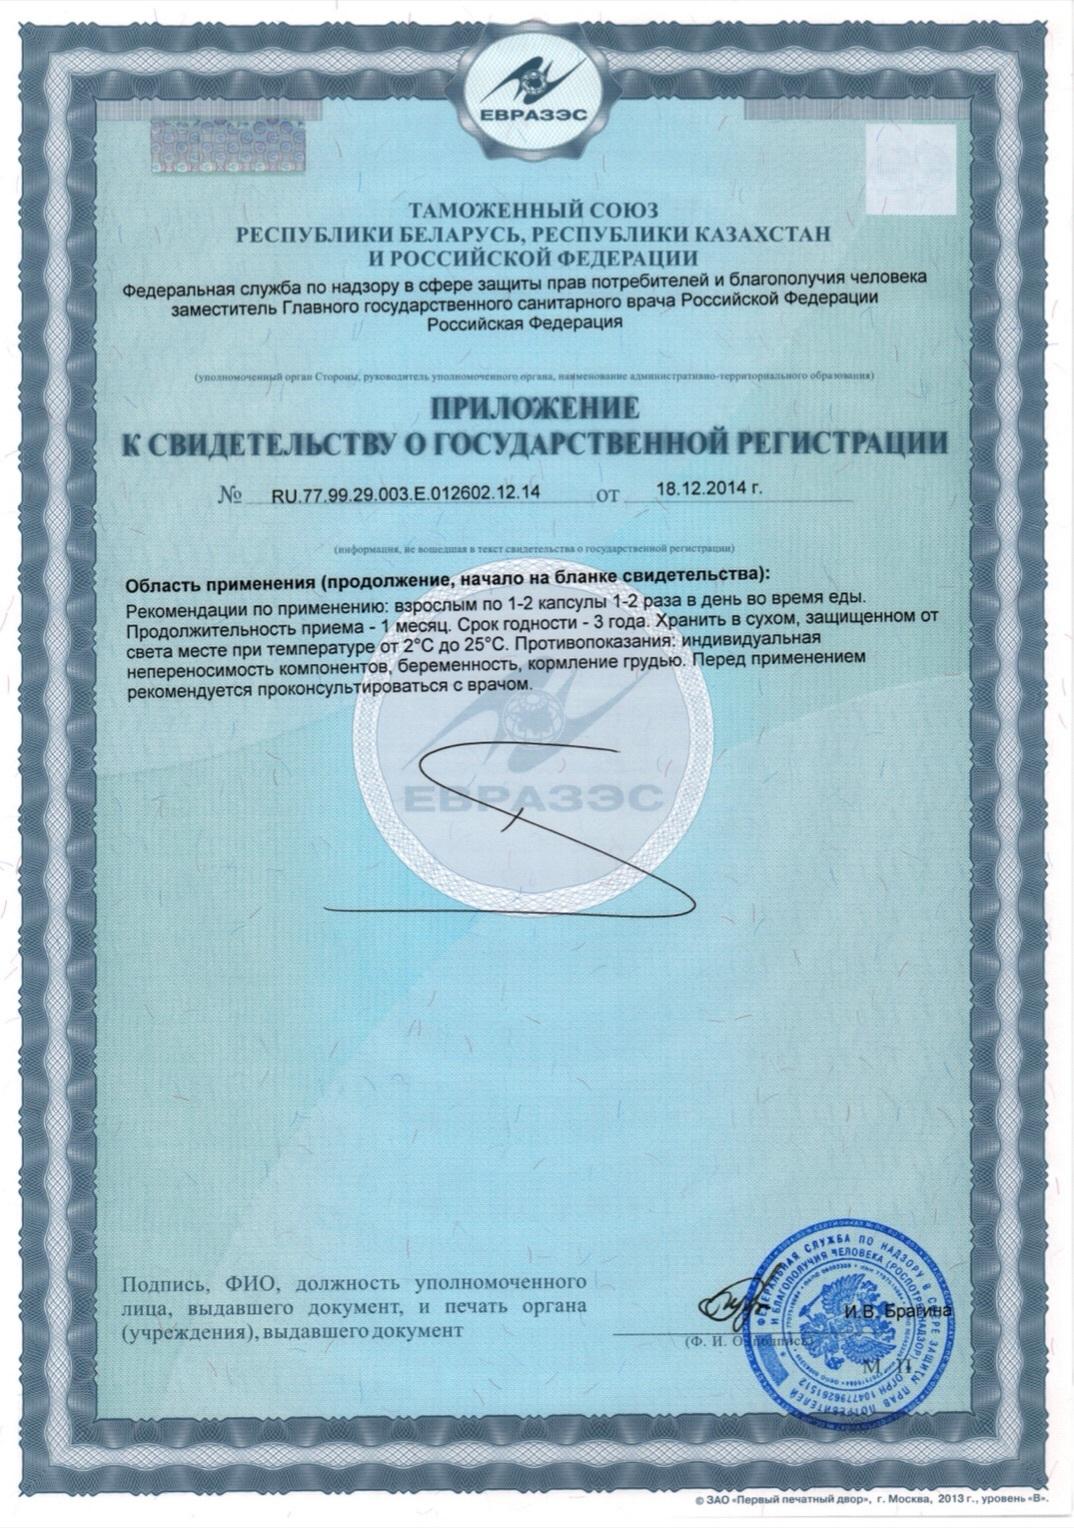 Нейро 3 плюс® пептидный комплекс сертификат